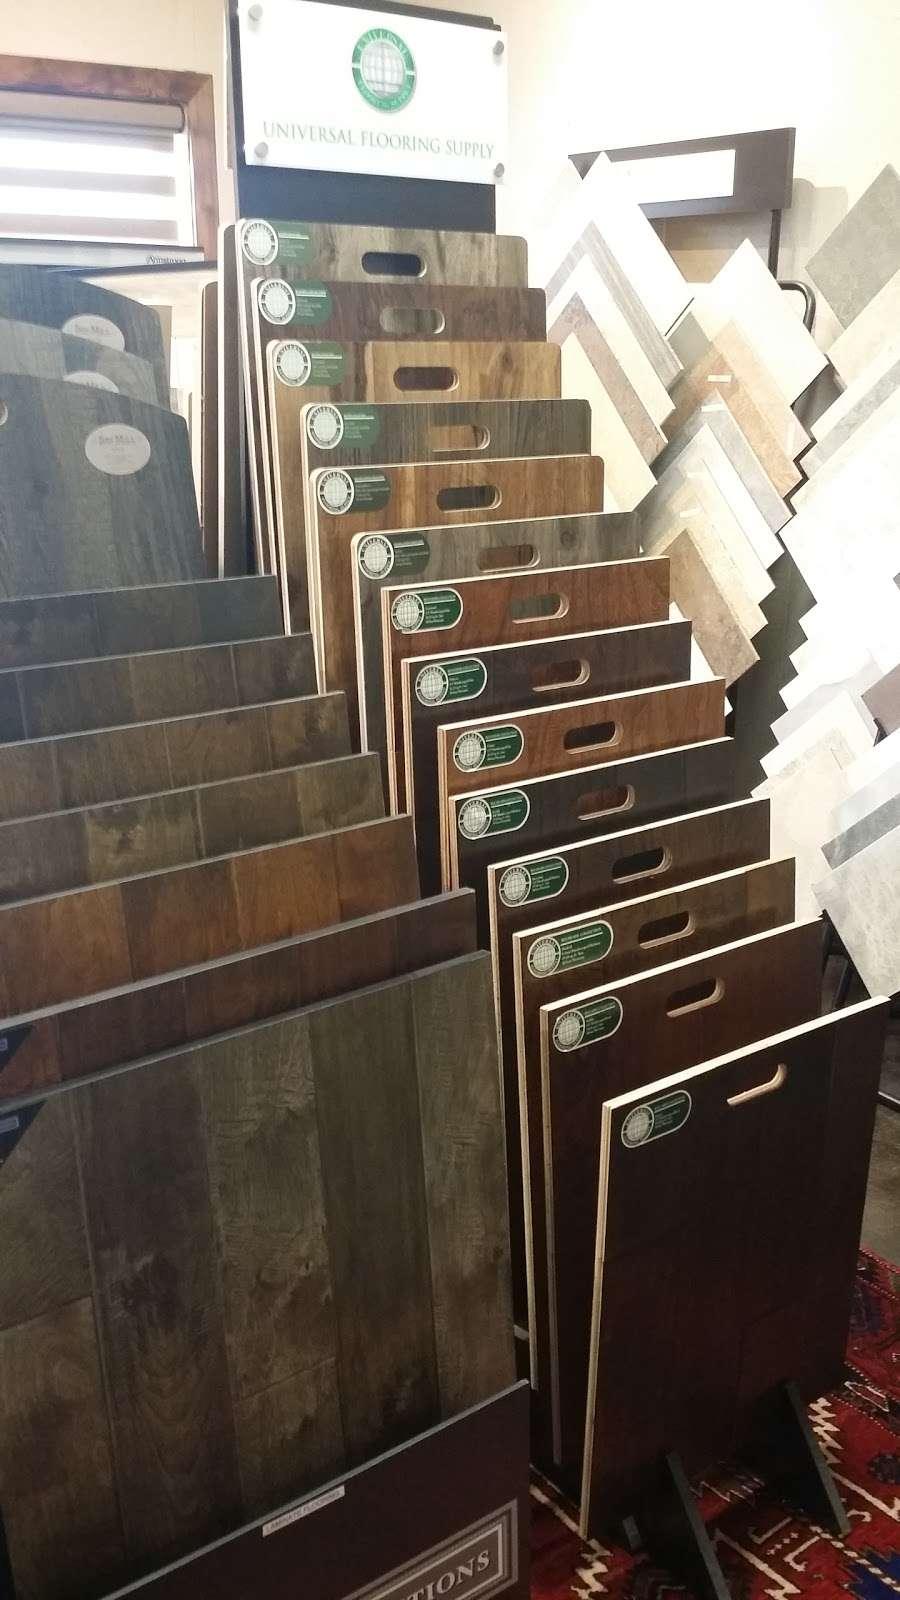 Green S Bracken Floors Home Goods Store 18838 Fm 2252